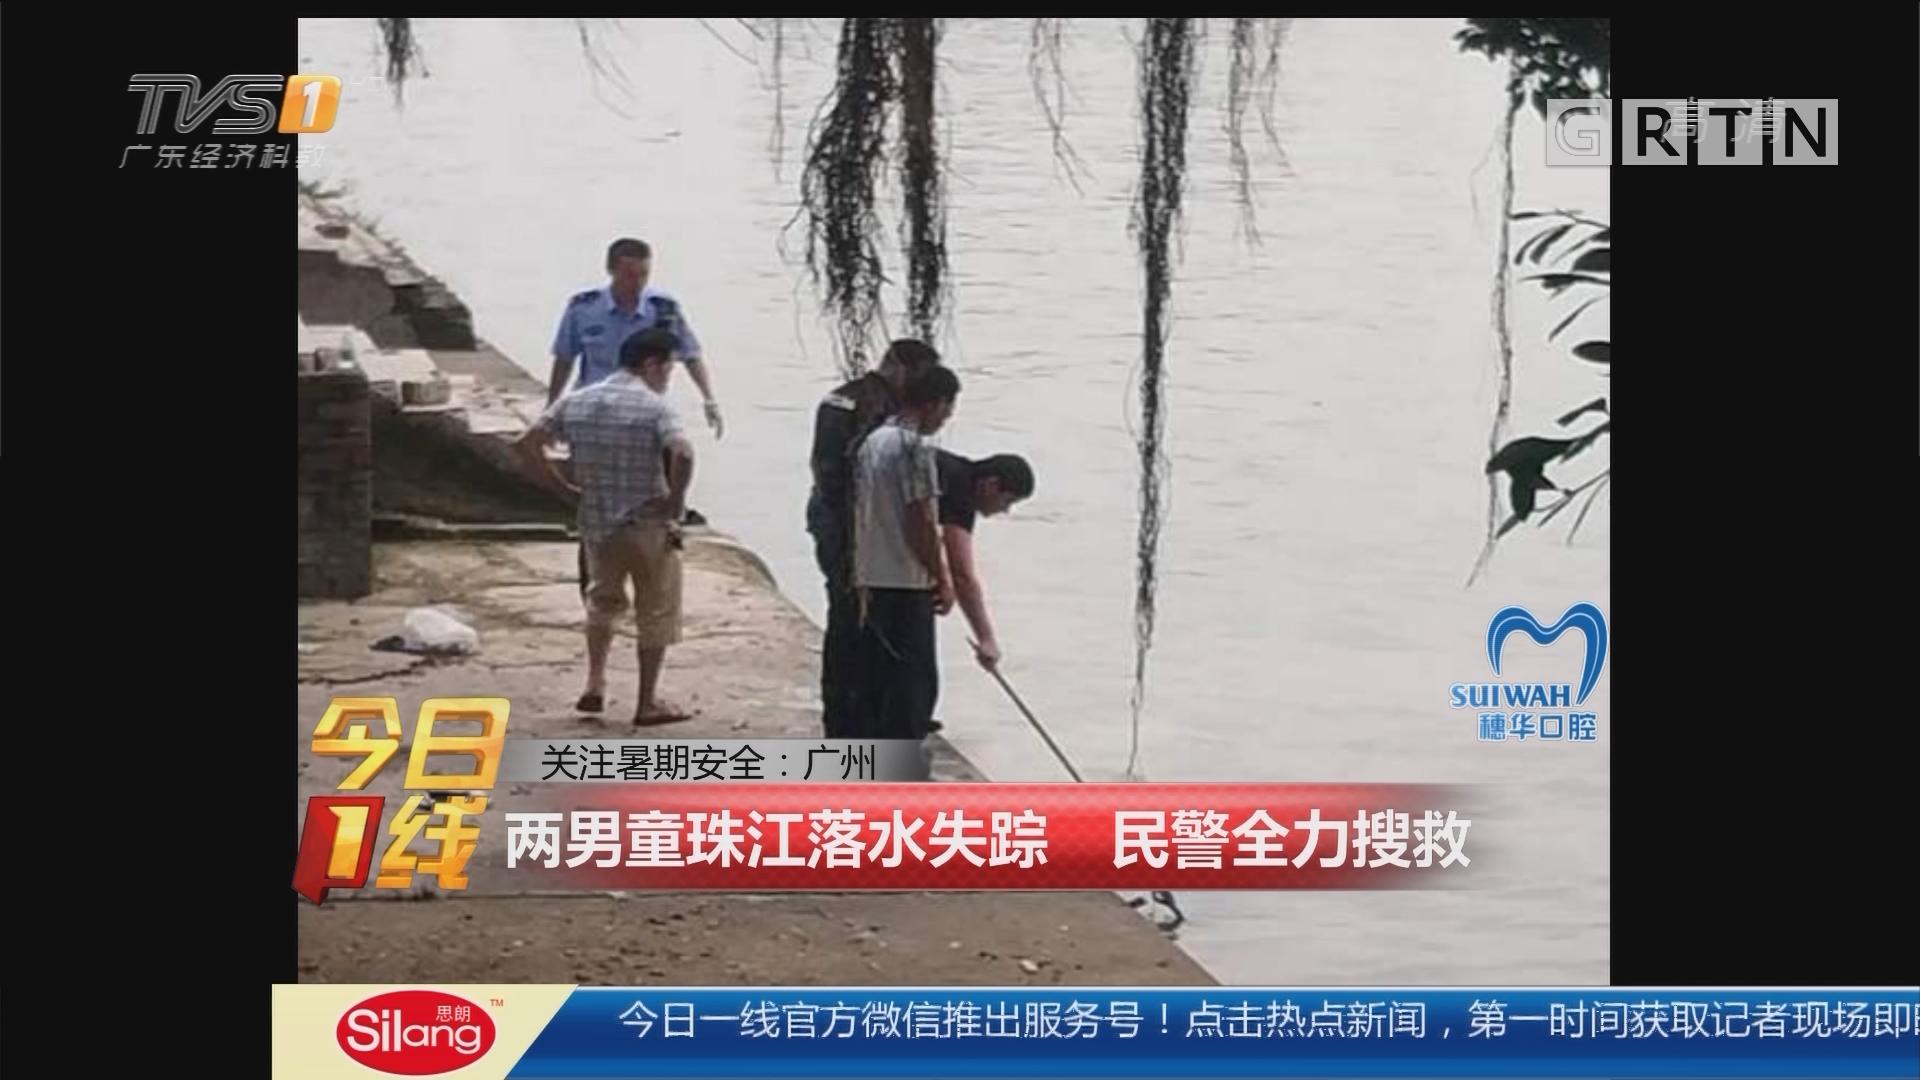 关注暑期安全:广州 两男童珠江落水失踪 民警全力搜救